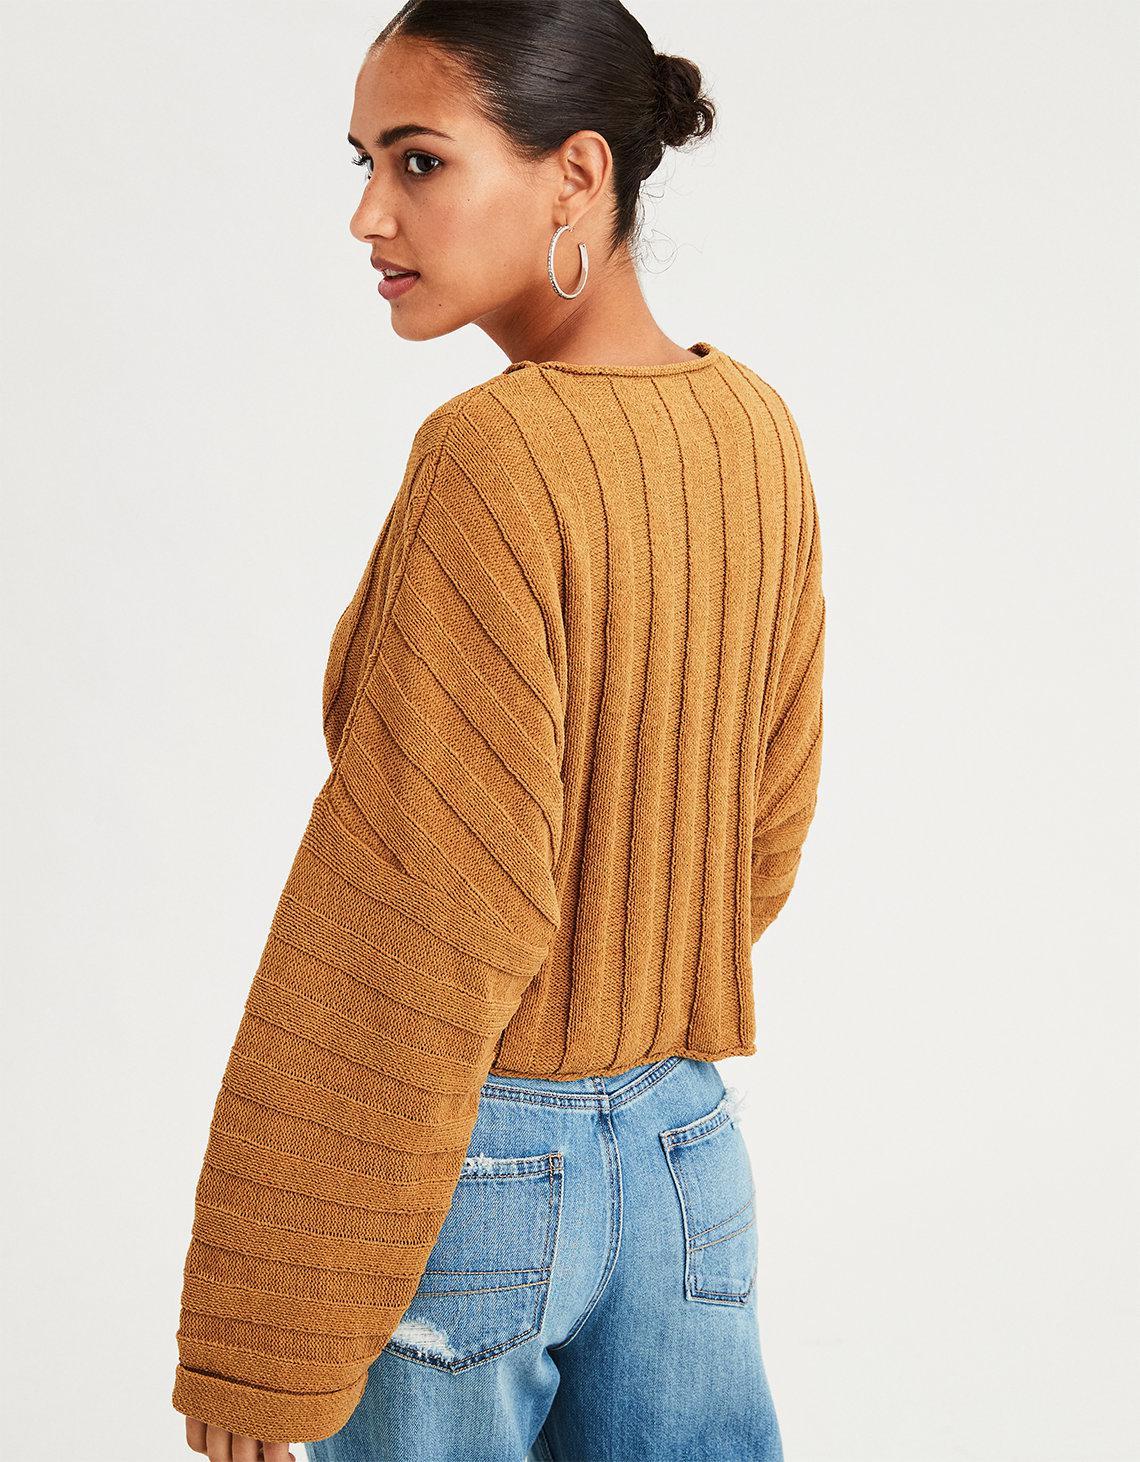 04917475625973 Lyst american eagle ae wide rib crop sweater jpg 1140x1462 American eagle  cropped sweater